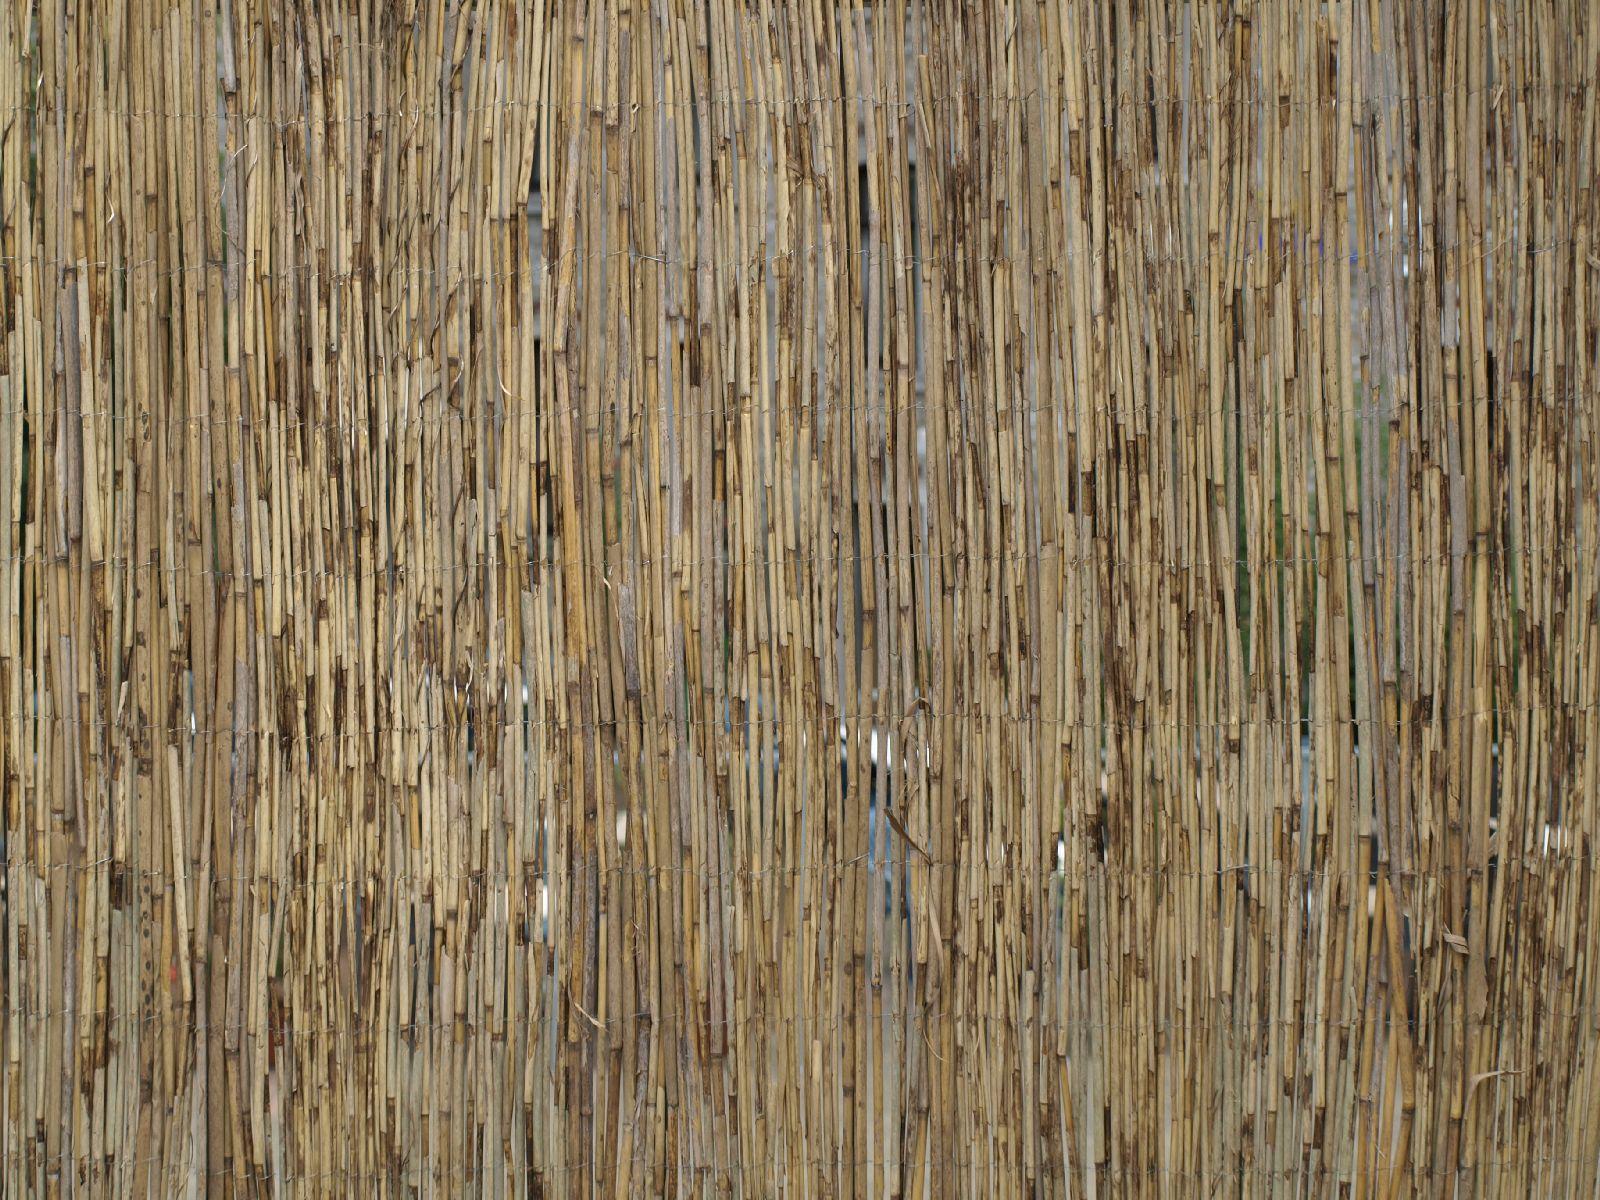 Various_Texture_A_P8034134